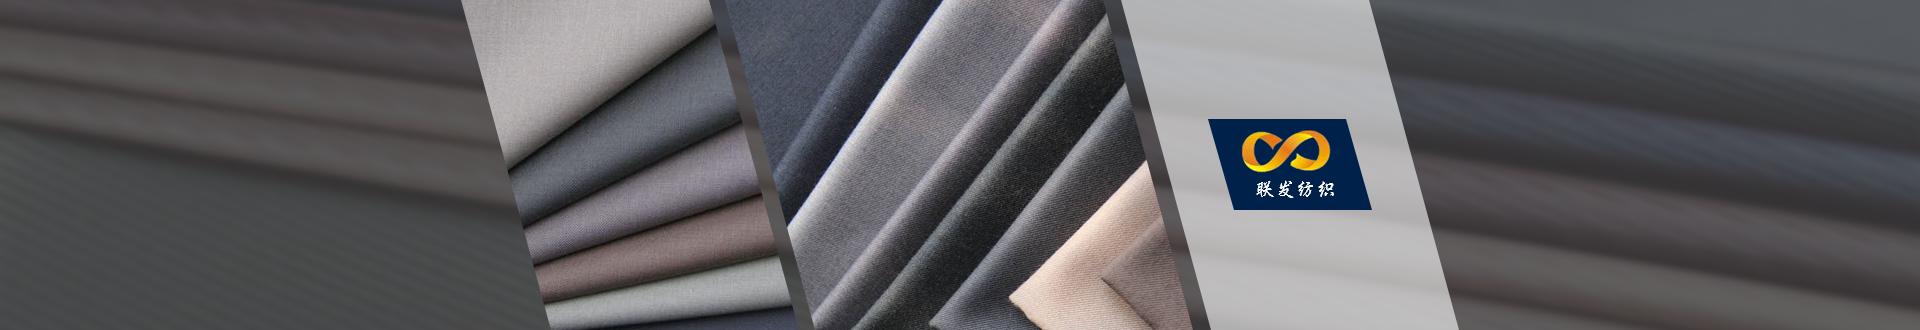 领带领结领带夹